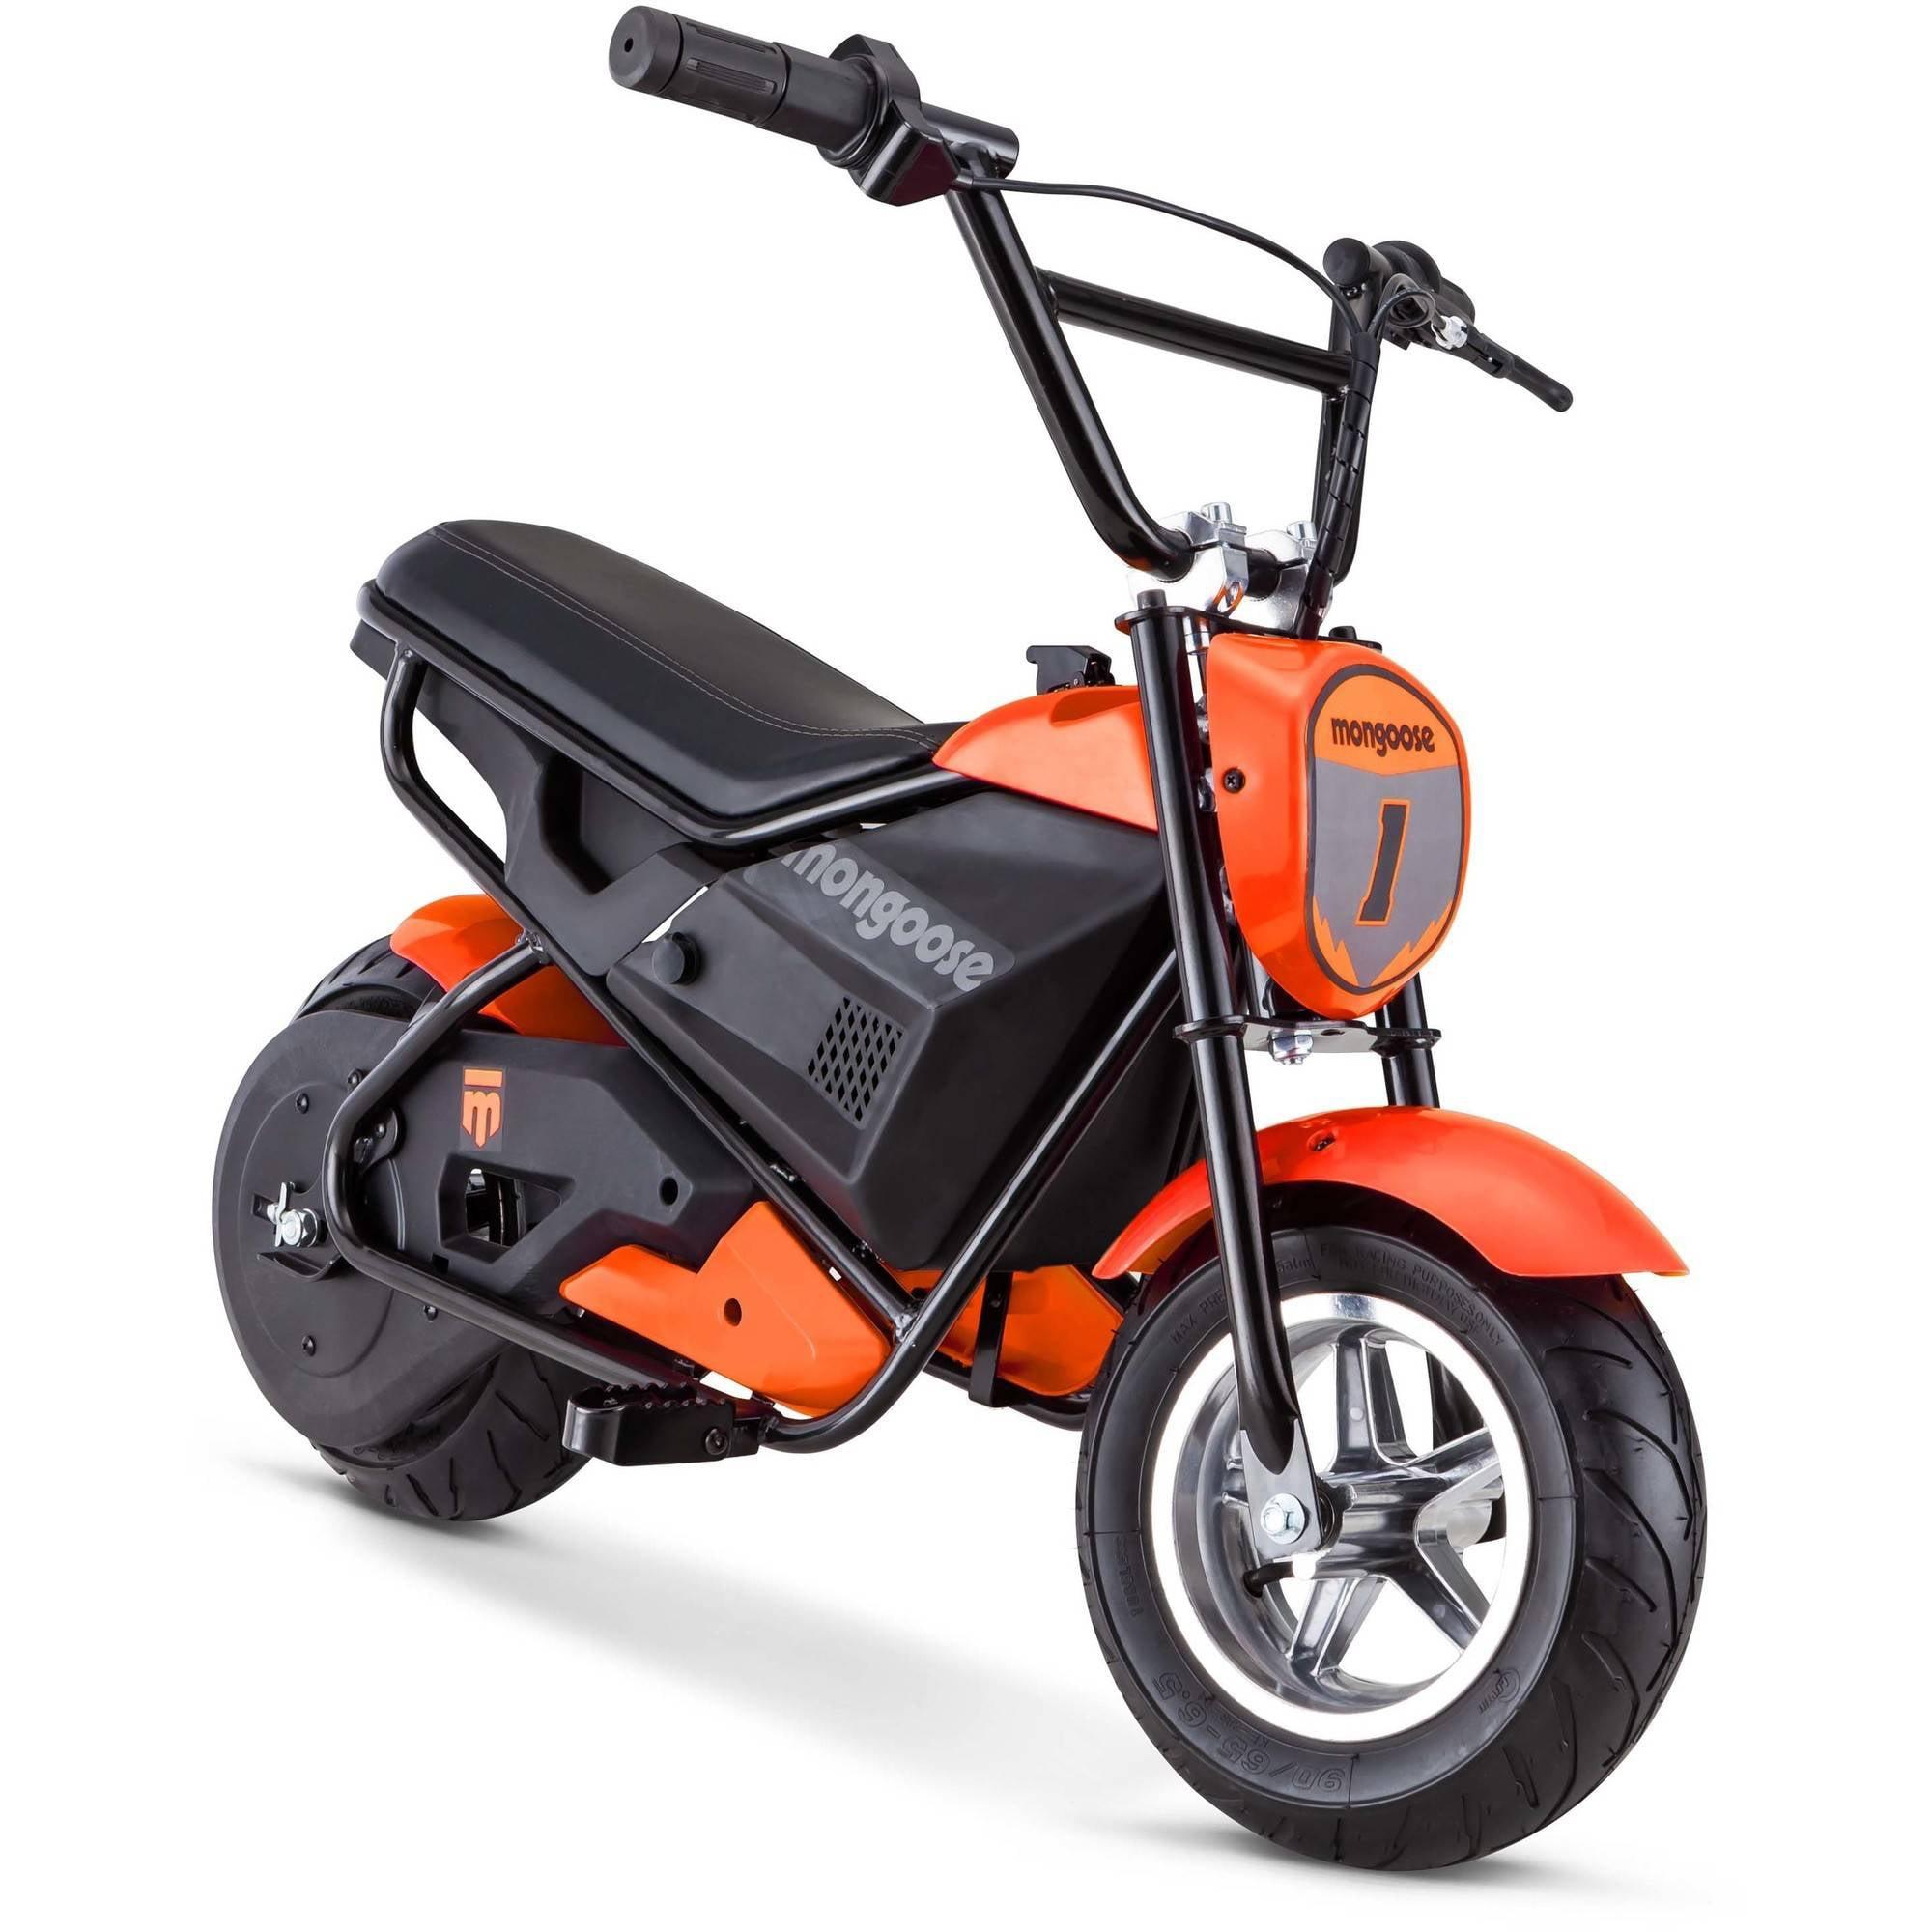 mongoose 24v mini bike orange 038675124103 ebay. Black Bedroom Furniture Sets. Home Design Ideas